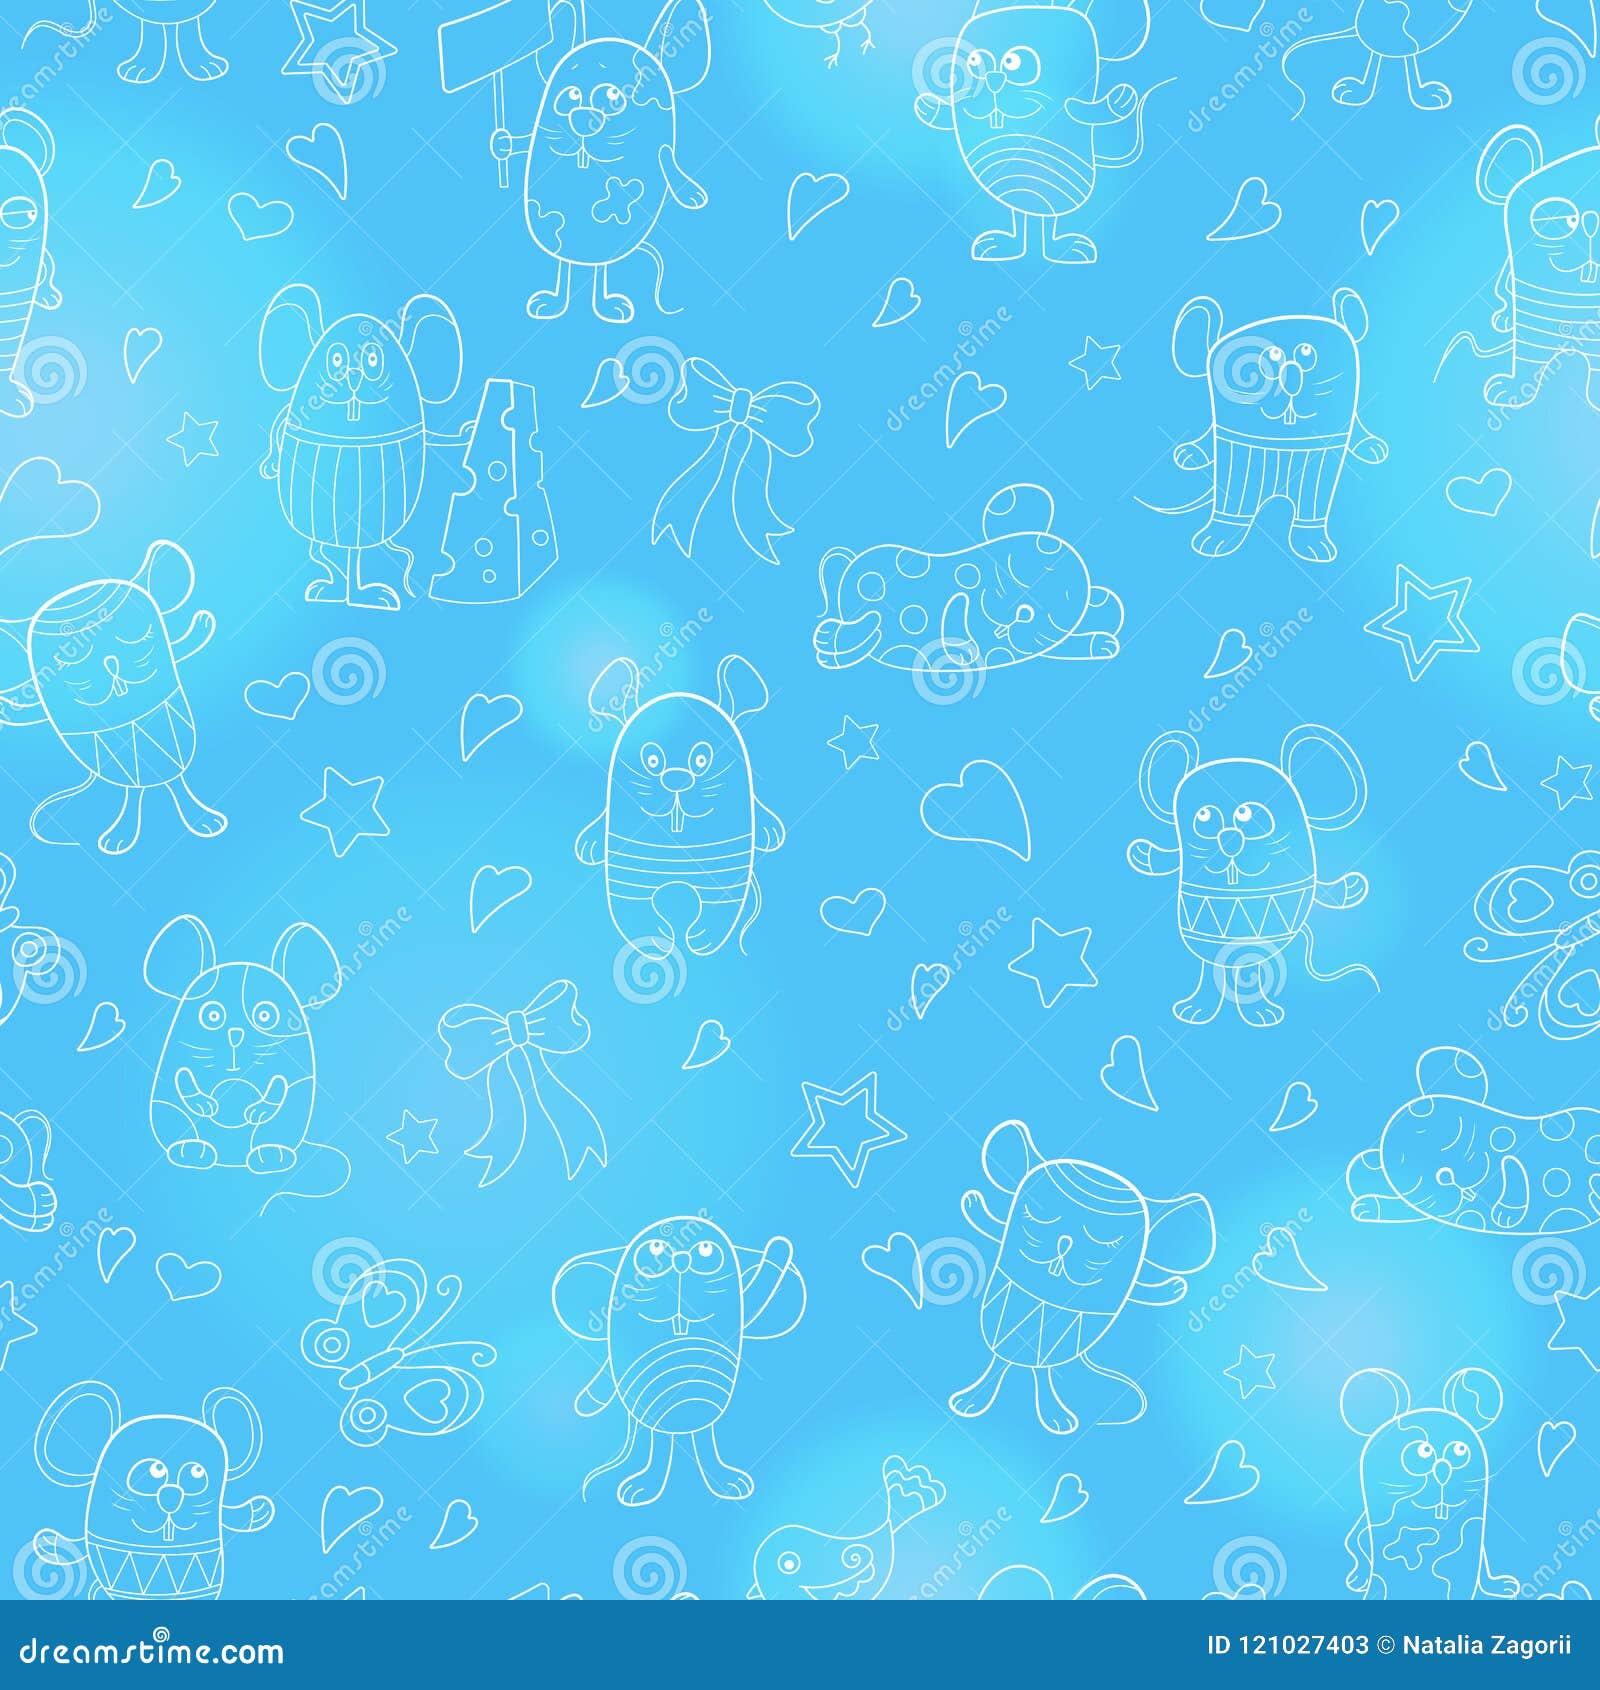 Bezszwowa ilustracja z śmiesznymi kreskówka konturu mouses biały kontur na błękitnym tle